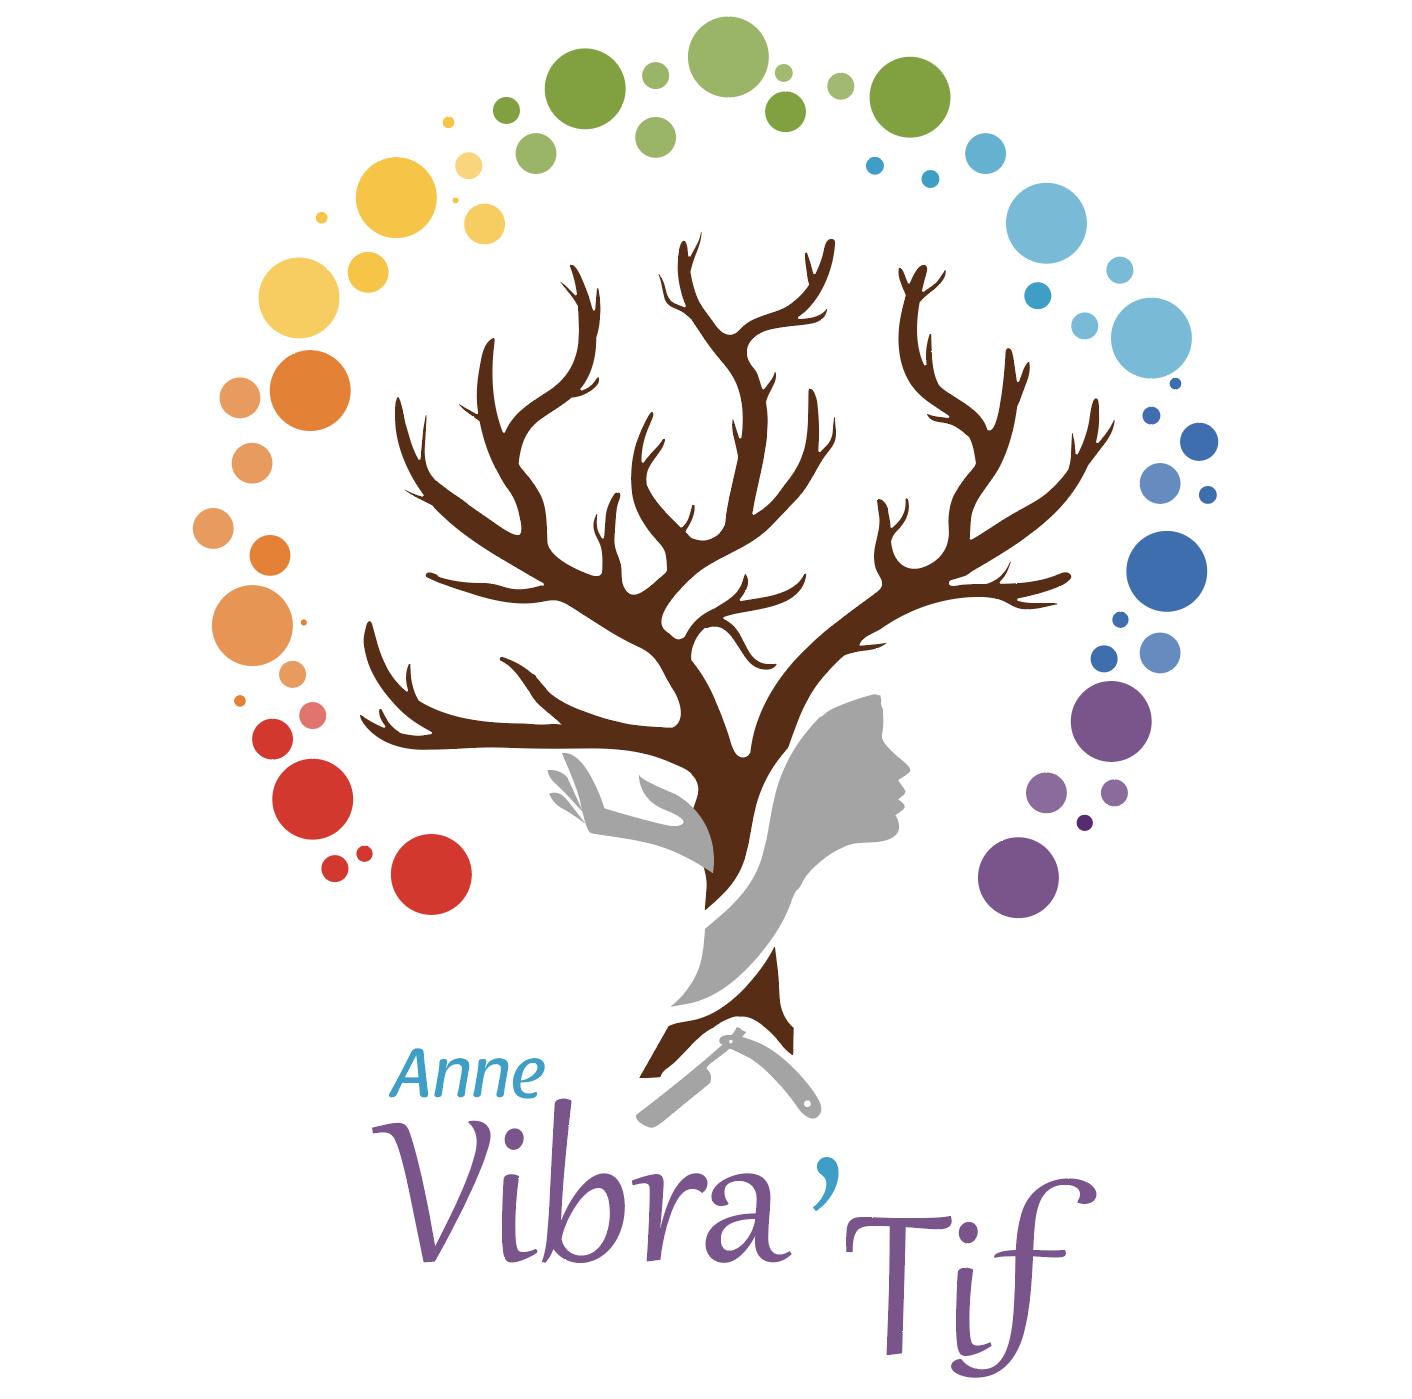 Vibratif